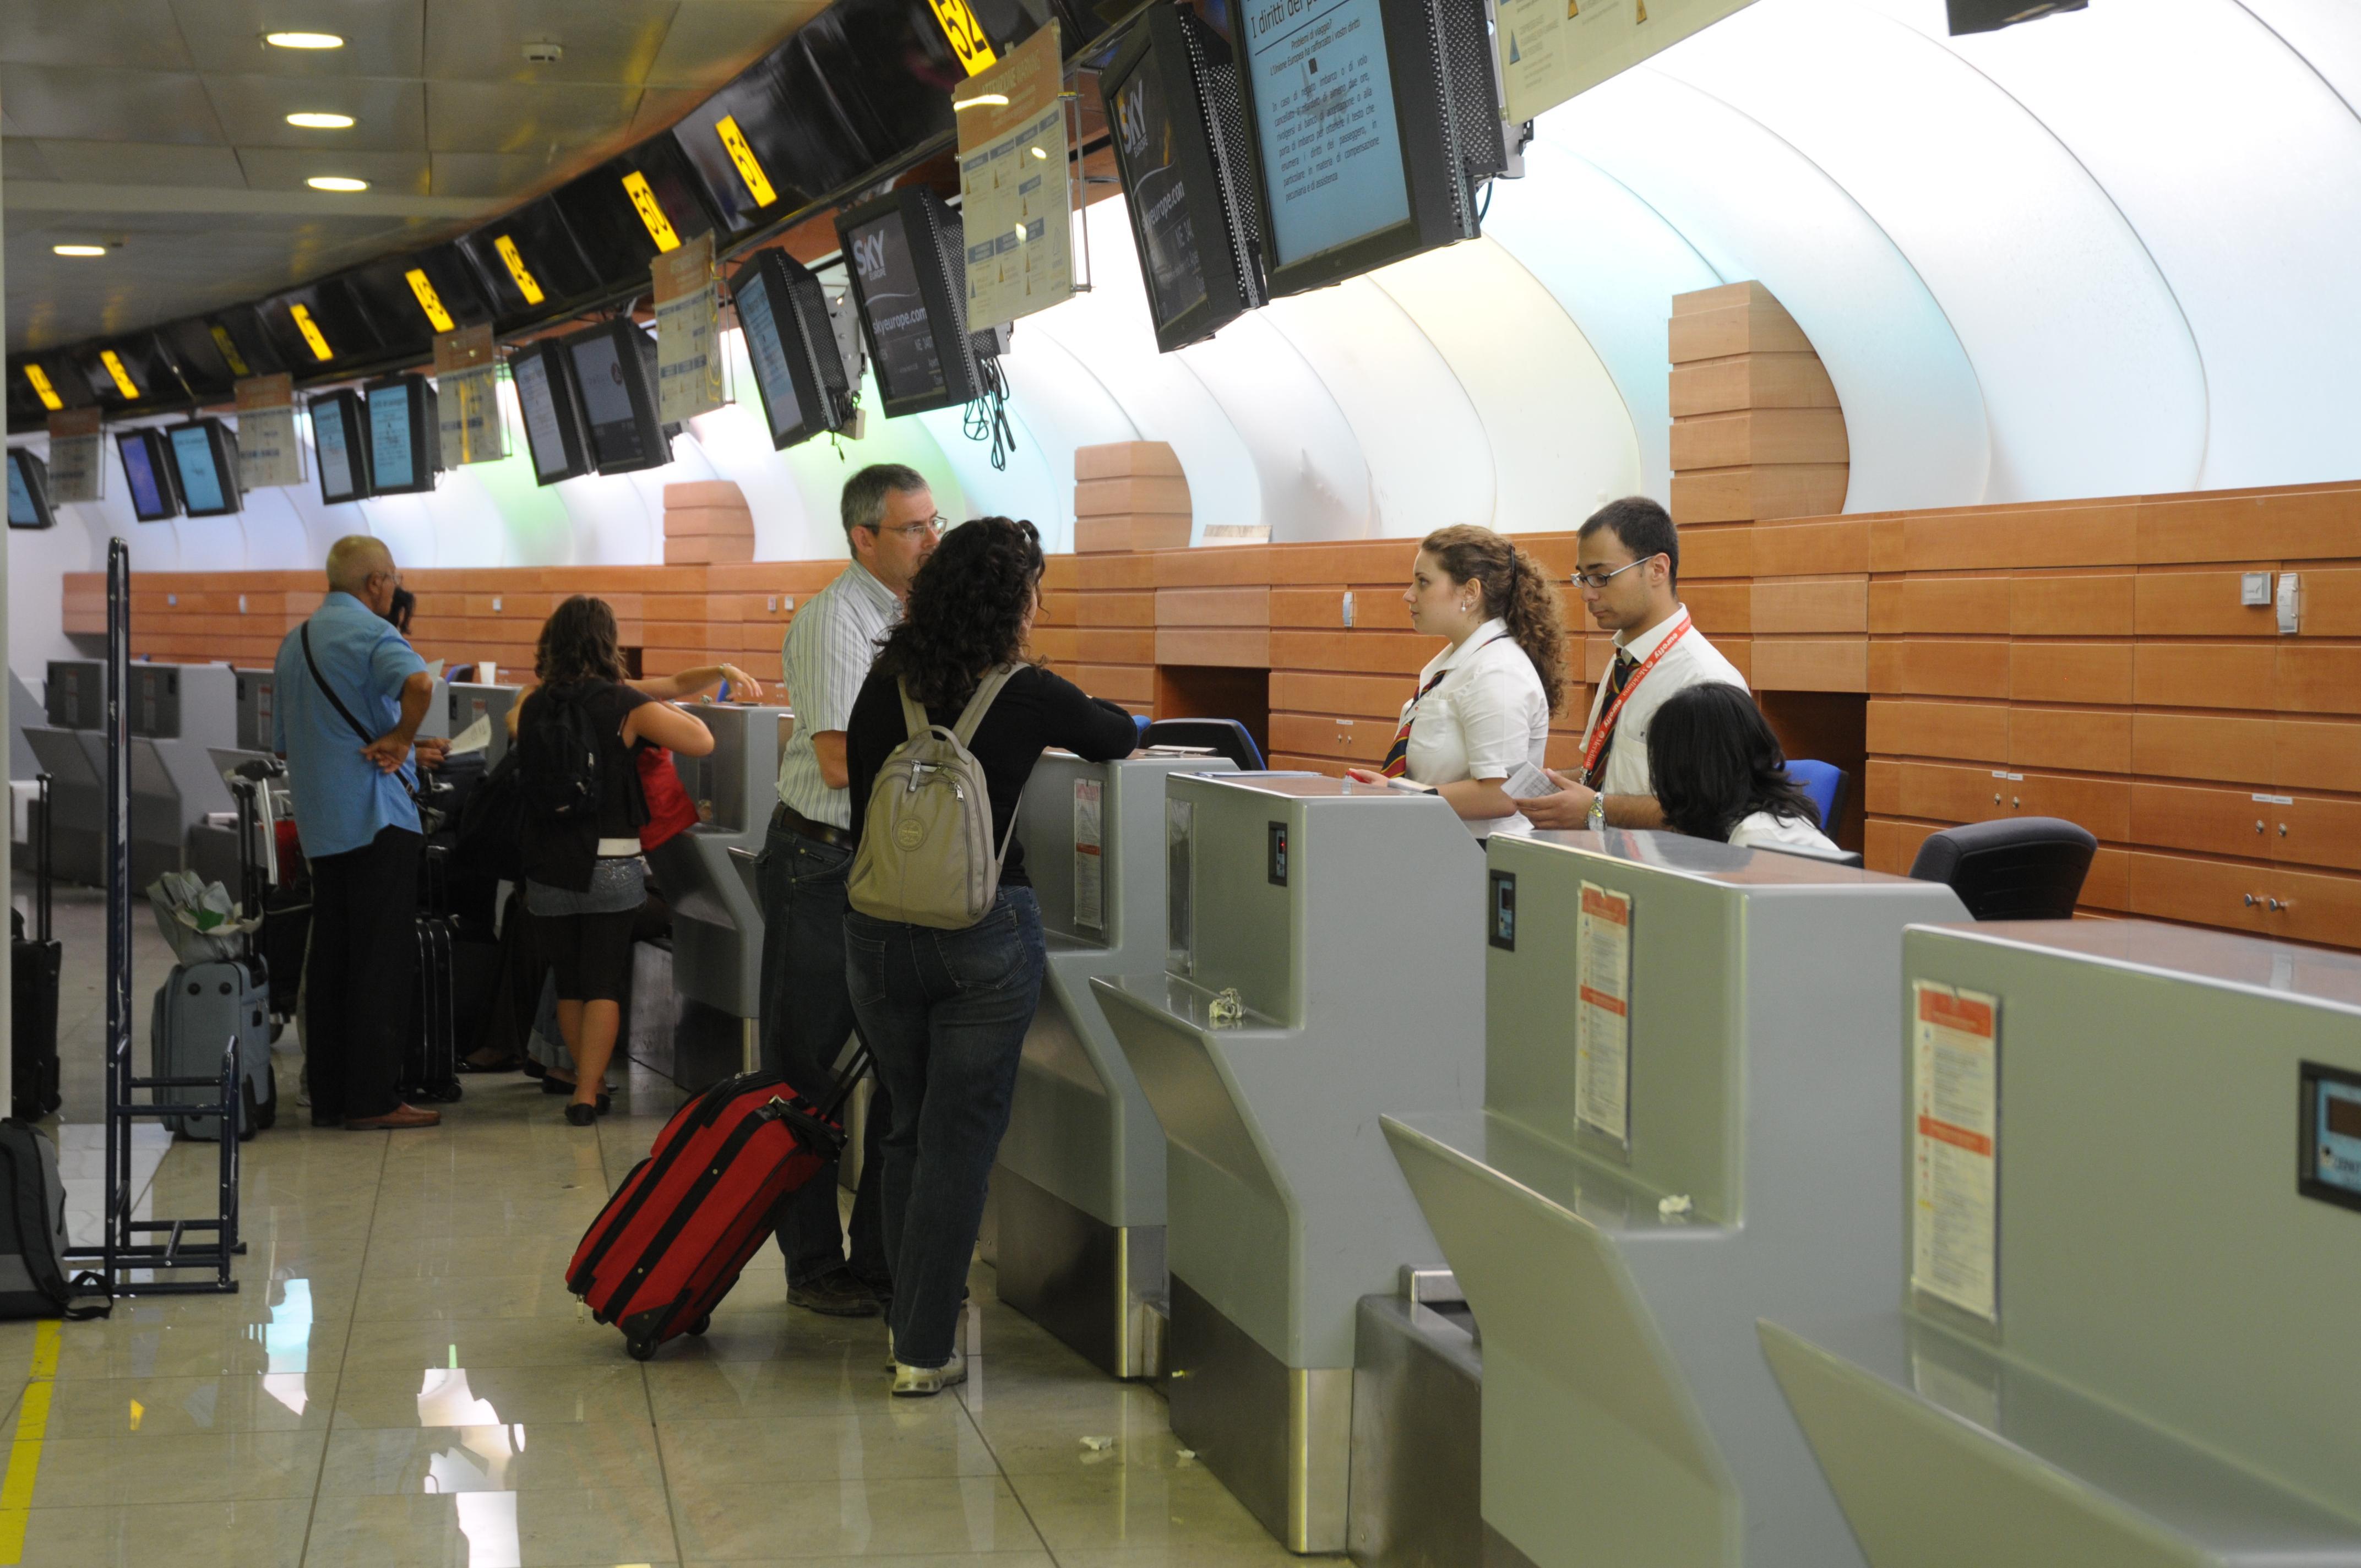 Cosa portare in aereo e cosa lasciare nella stiva sui voli - Ryanair cosa si puo portare nel bagaglio a mano ...